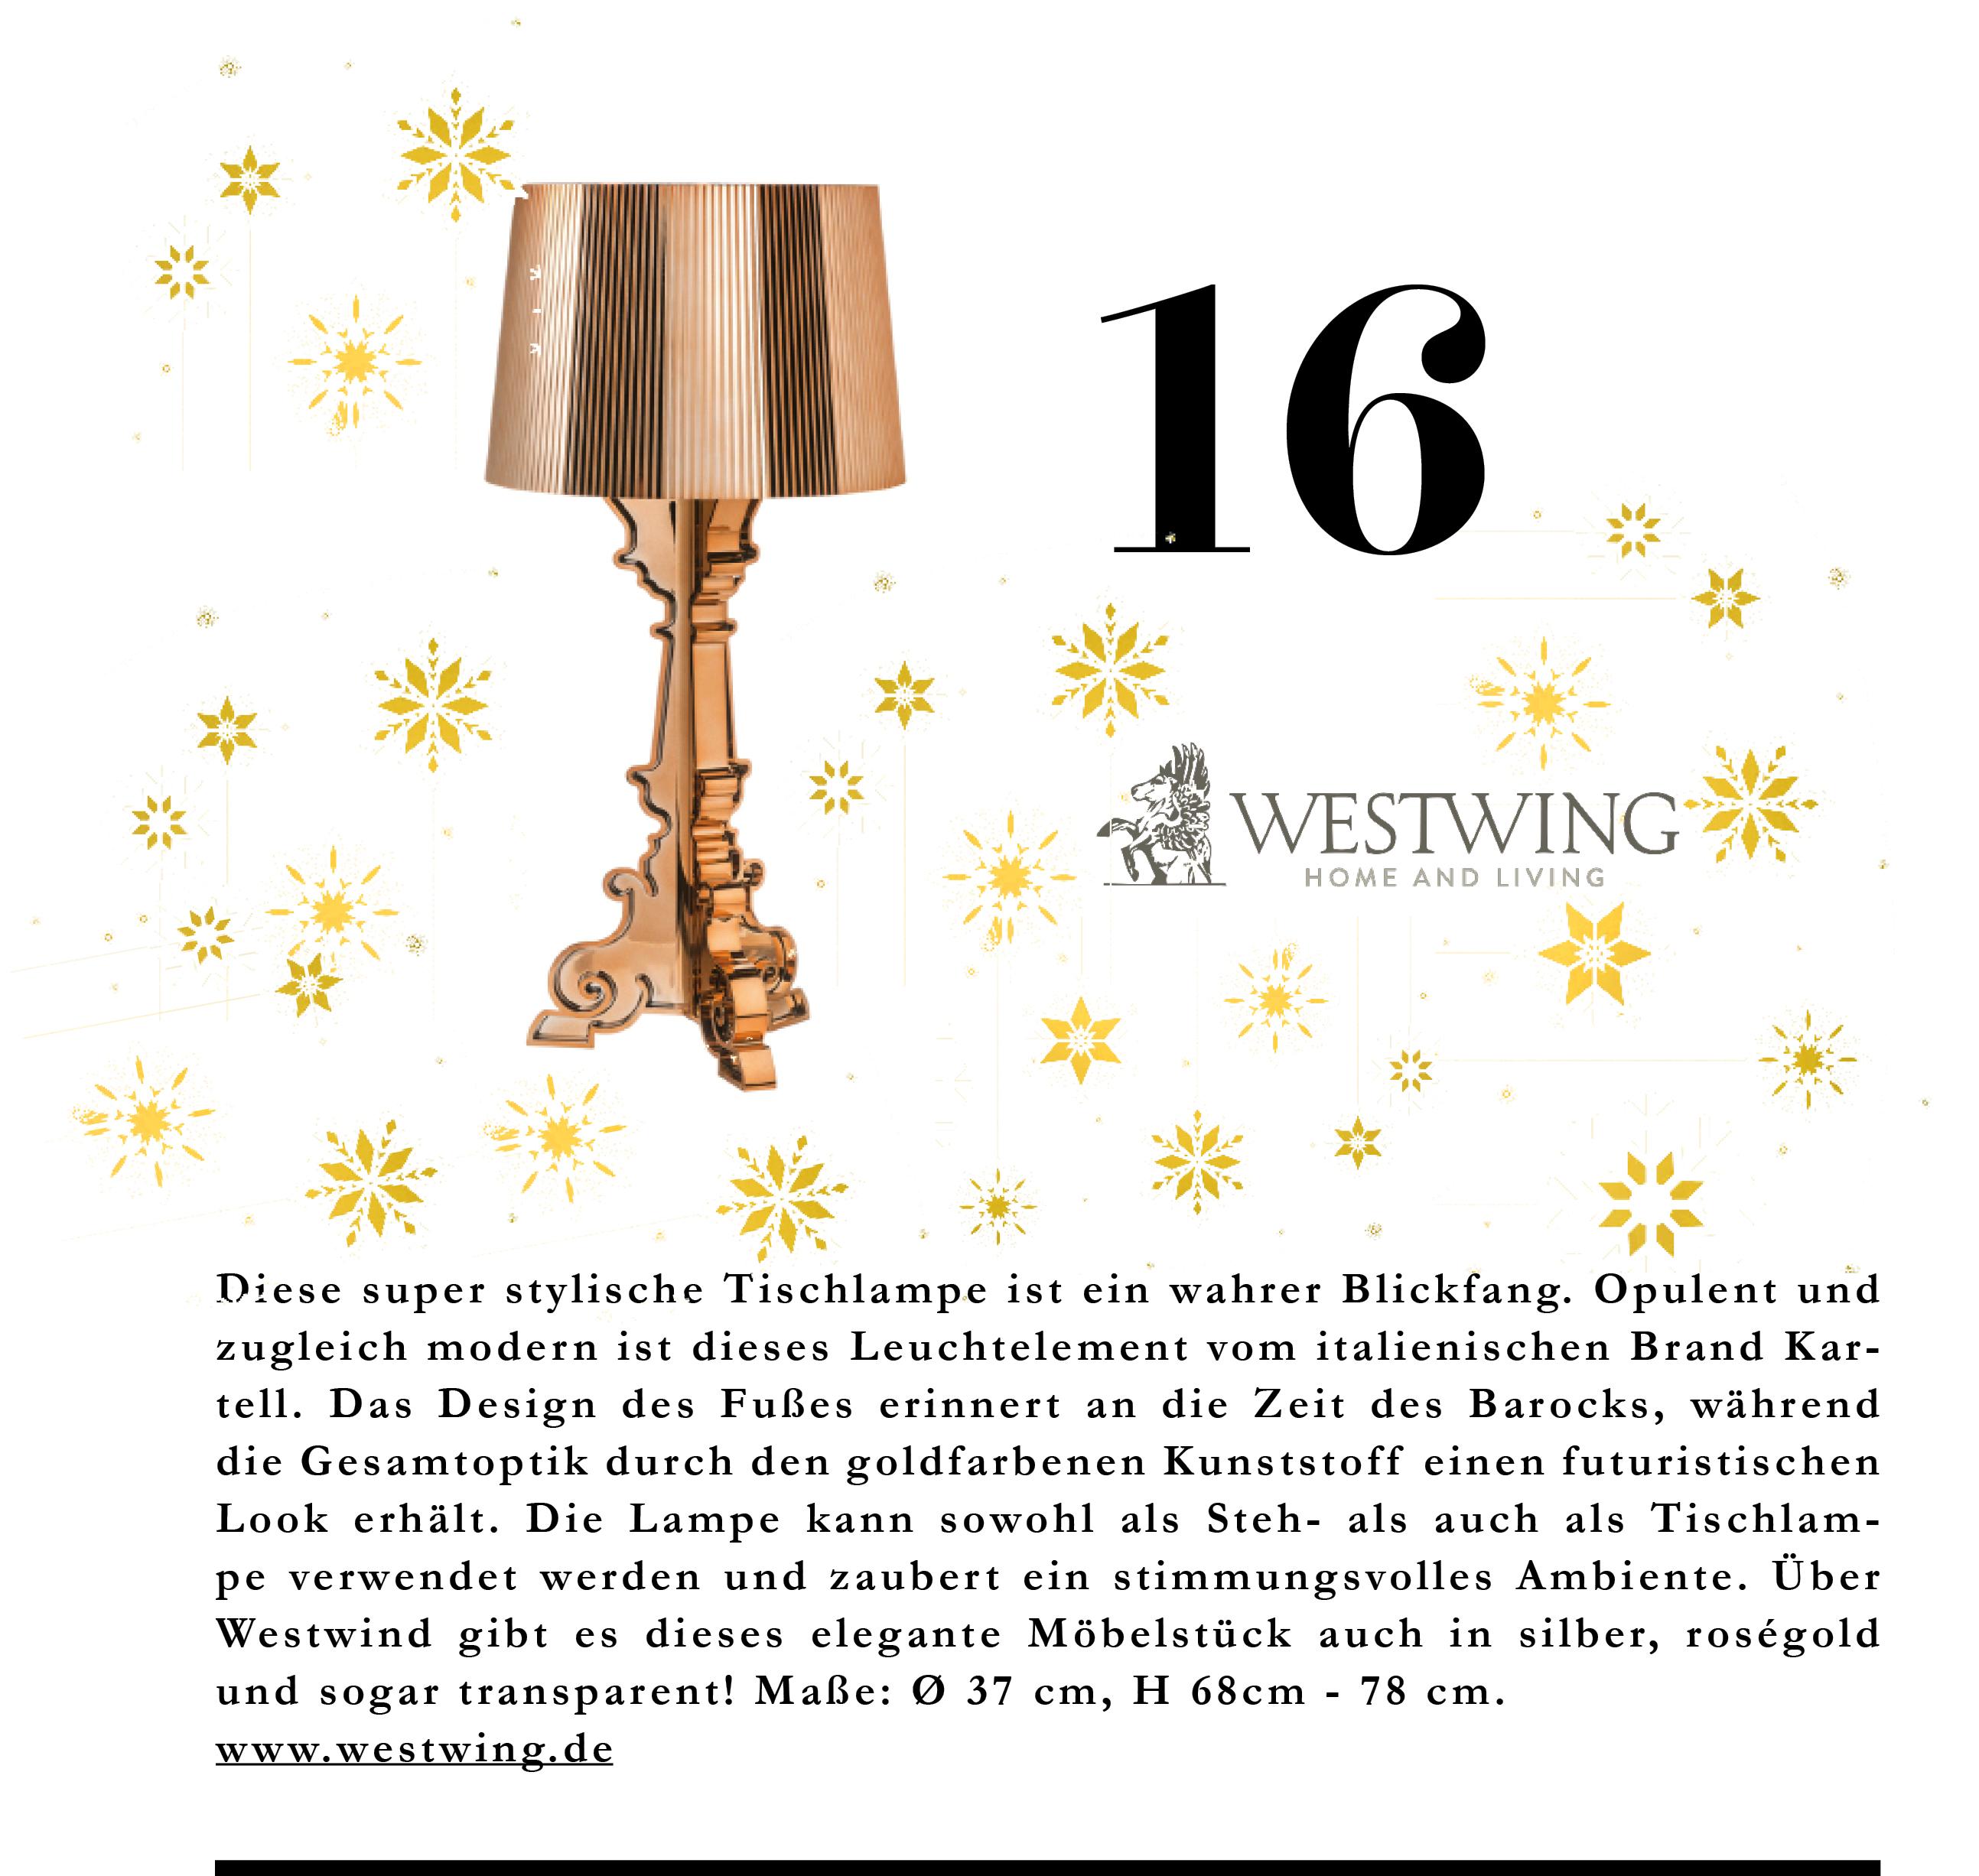 Diese Tischlampe von Westwing ist in absolut jedem Zimmer ein wahrer Blickfang